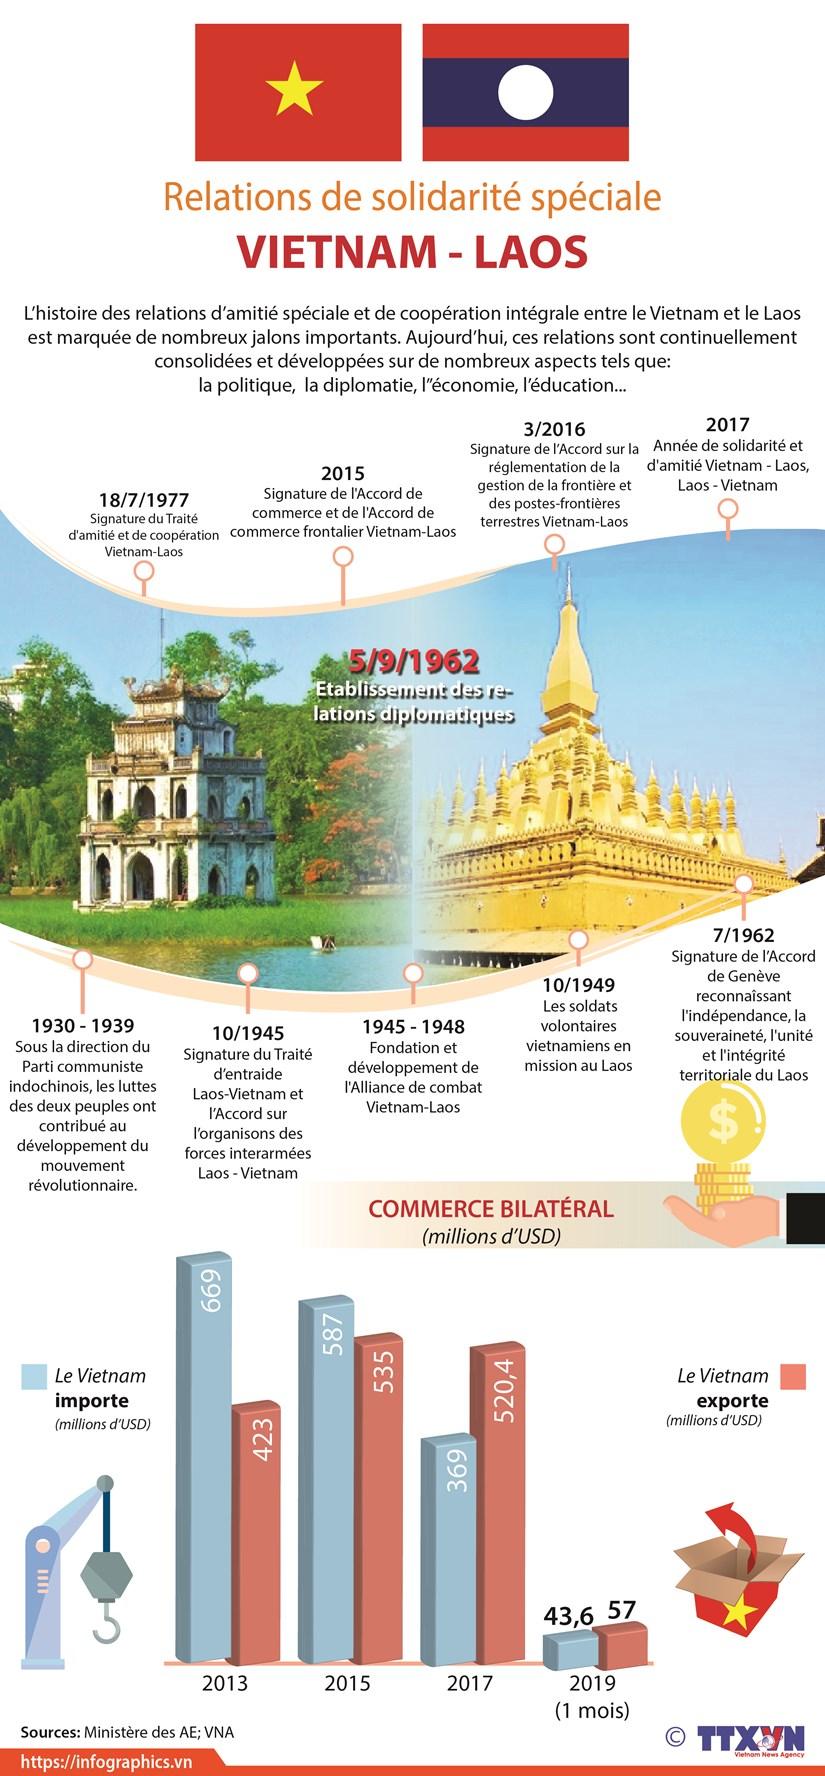 Relations de solidarite speciale Vietnam-Laos hinh anh 1